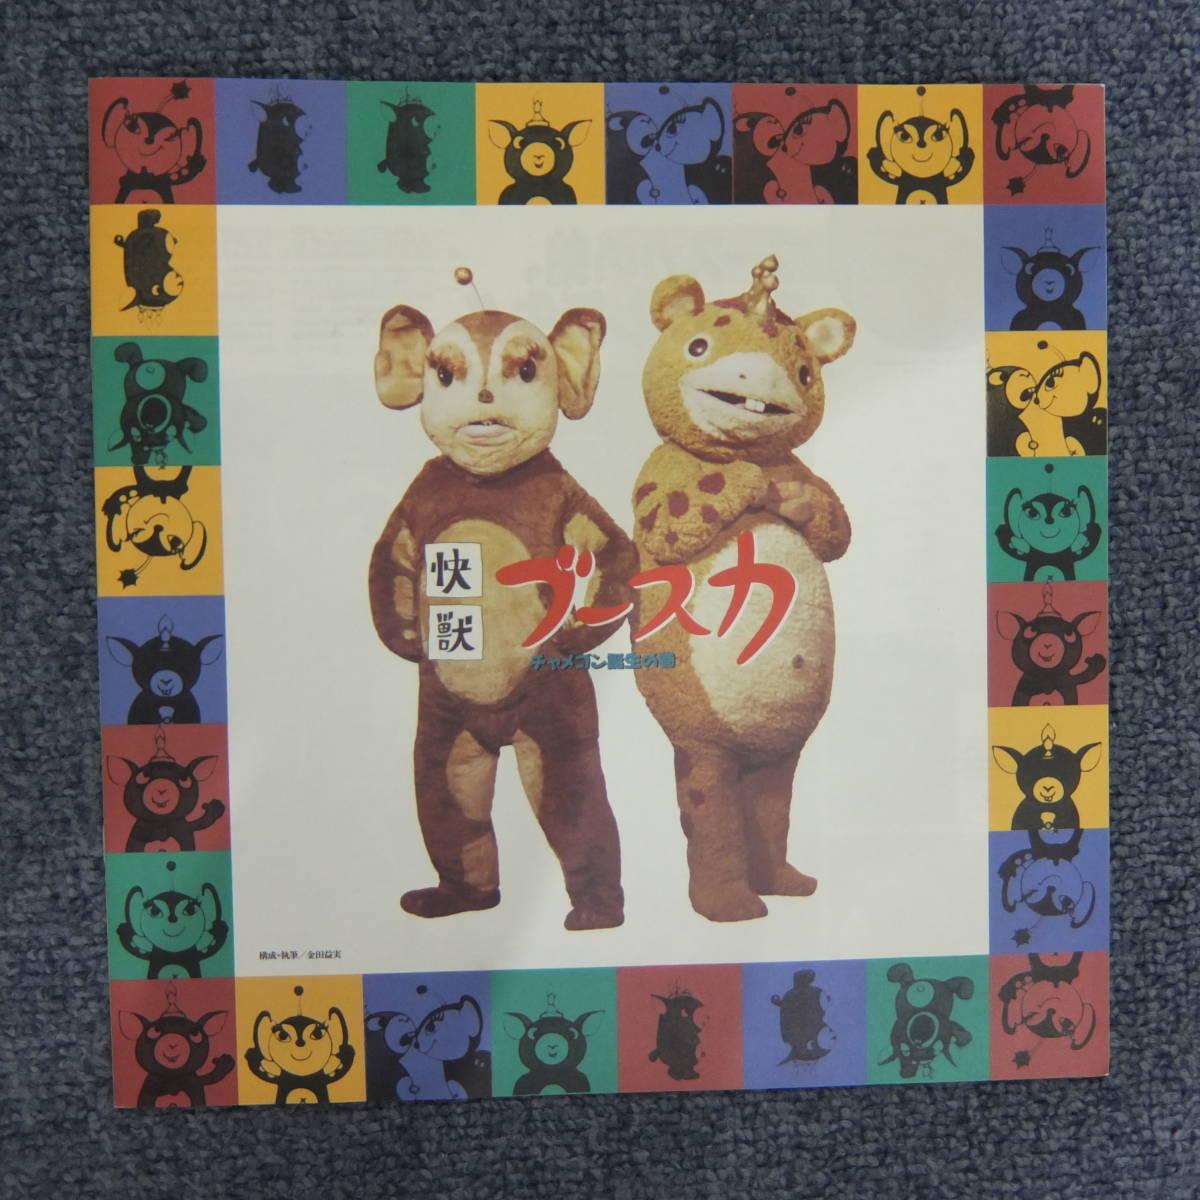 【 LD / レーザーディスク 】 快獣ブースカ  LD-BOX  「チャメゴン誕生の巻」 円谷プロ30周年記念_画像5